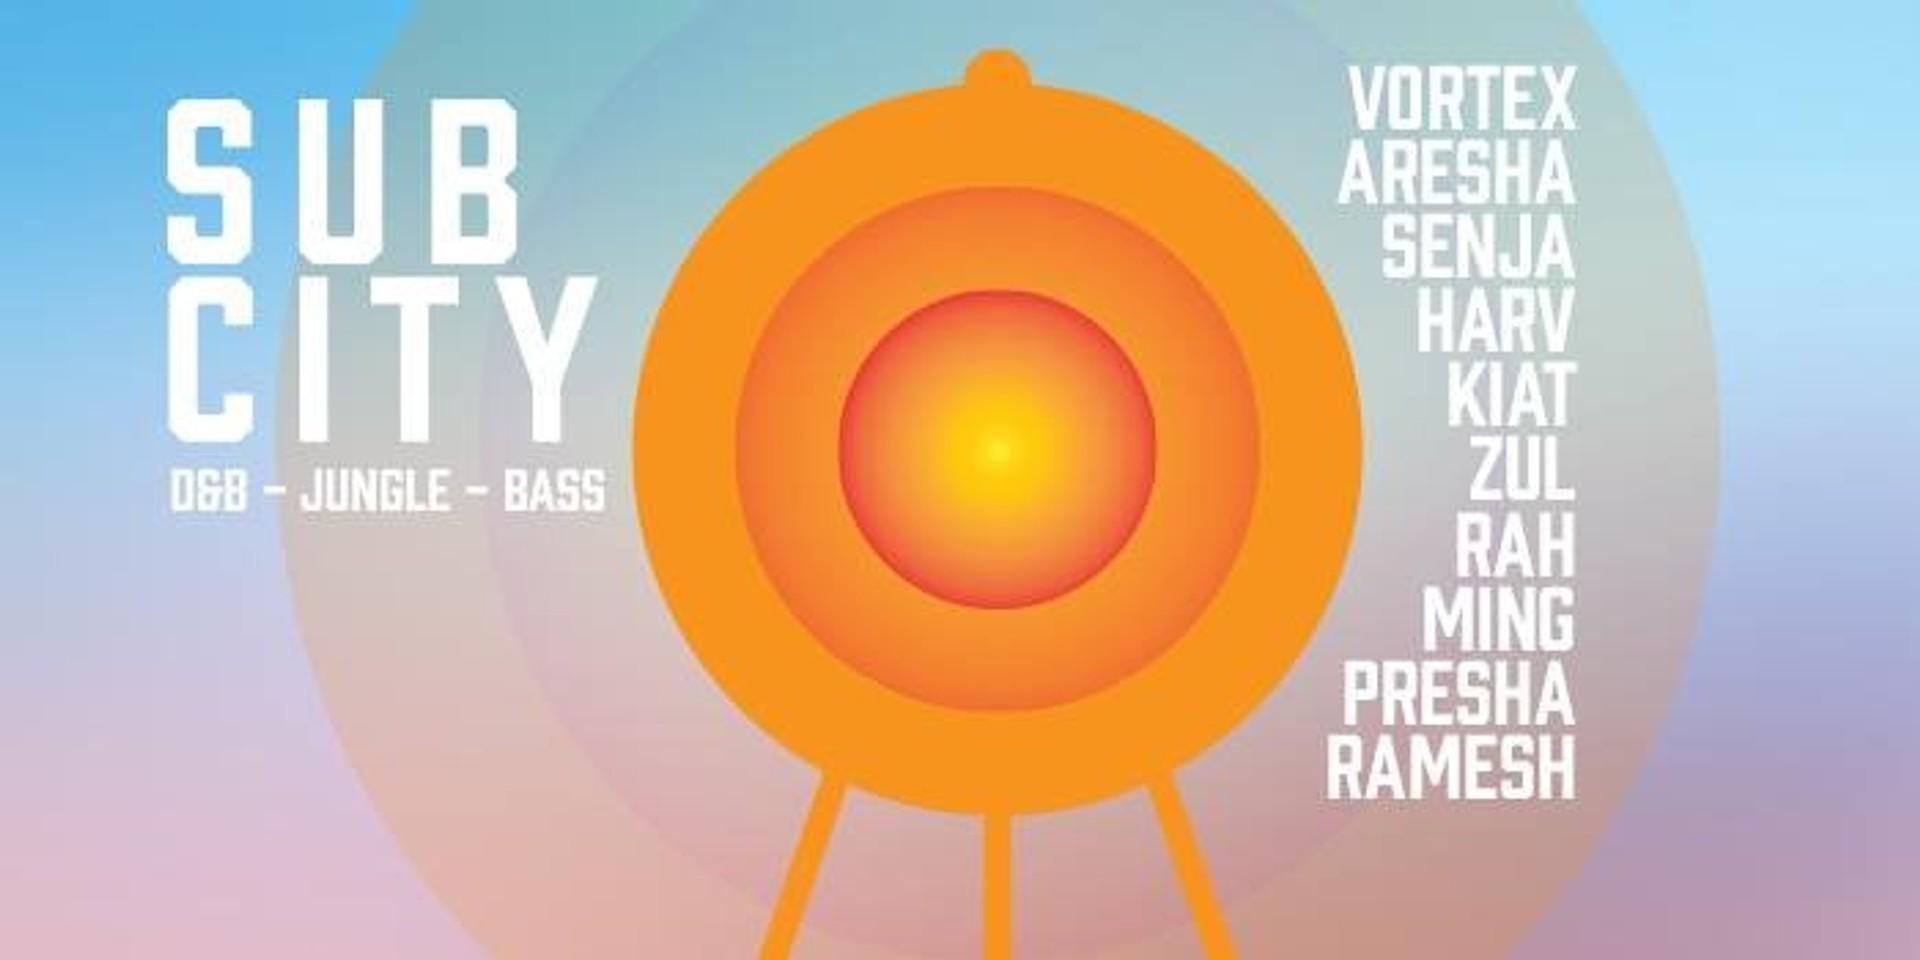 Sub City returns with an all-star, liquid-funk drum & bass BBQ at kult kafé